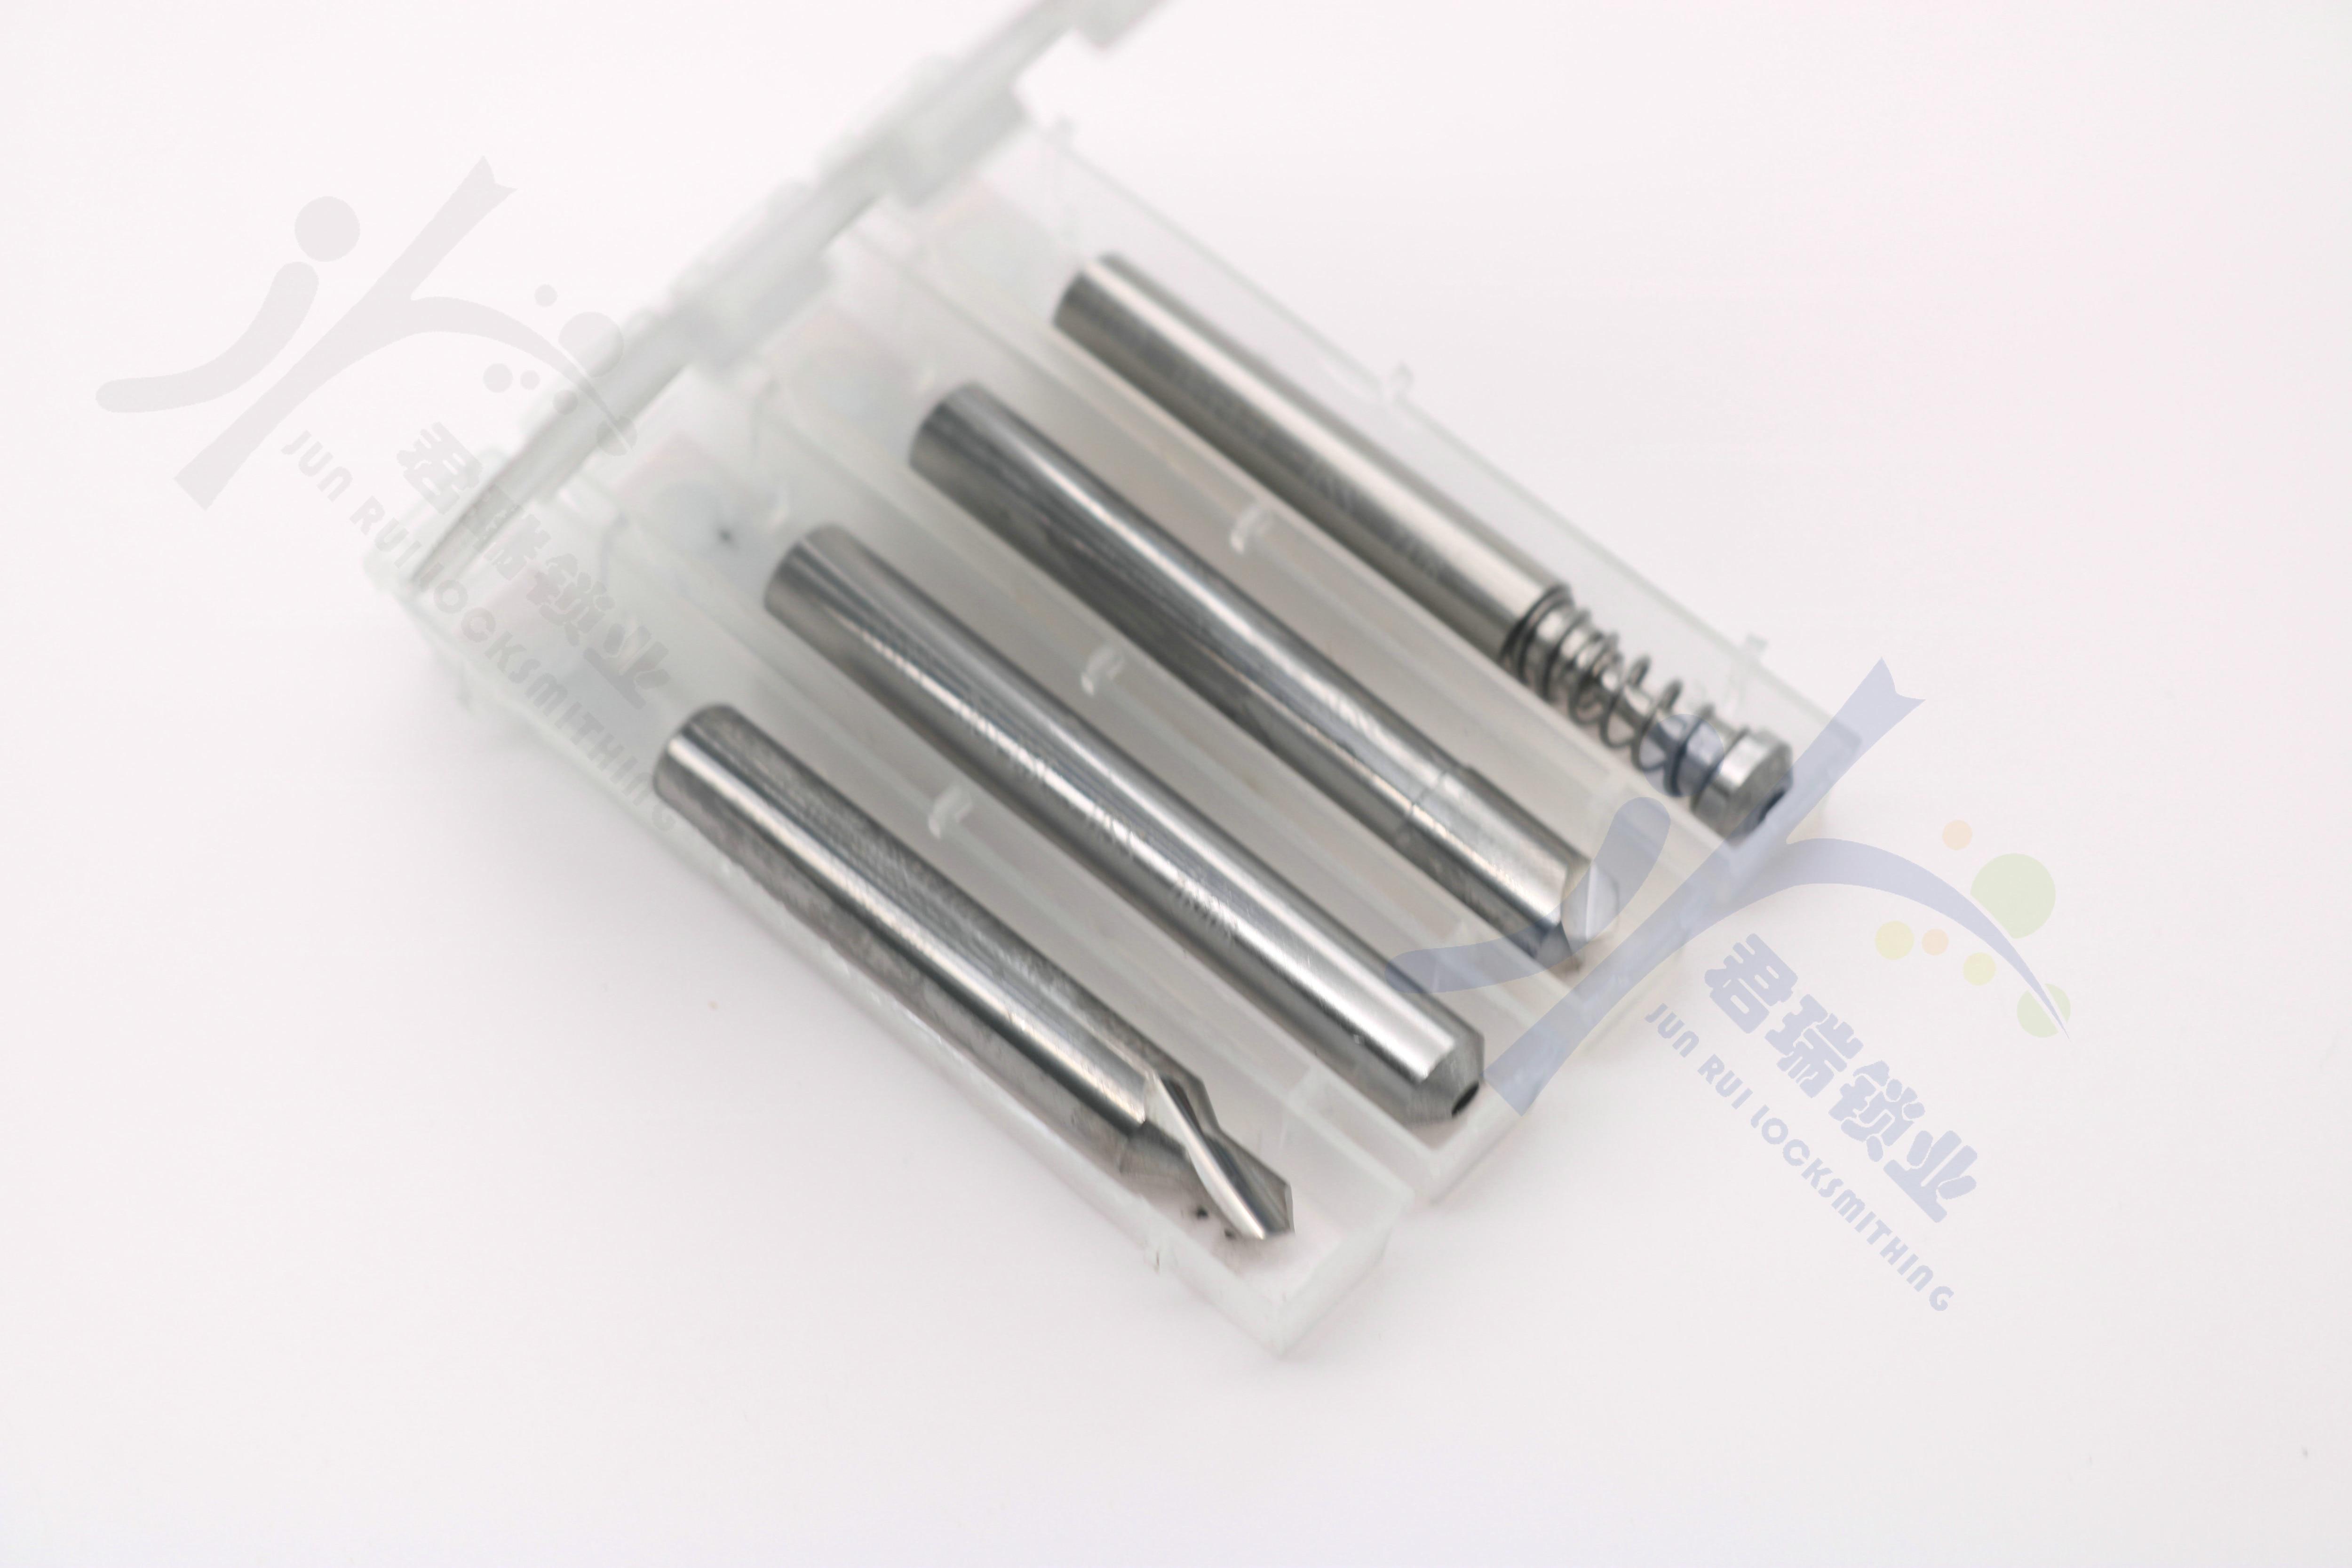 Mult-t lock Duplicating End Mill Cutter di tipi VW per chiave - Utensili manuali - Fotografia 6